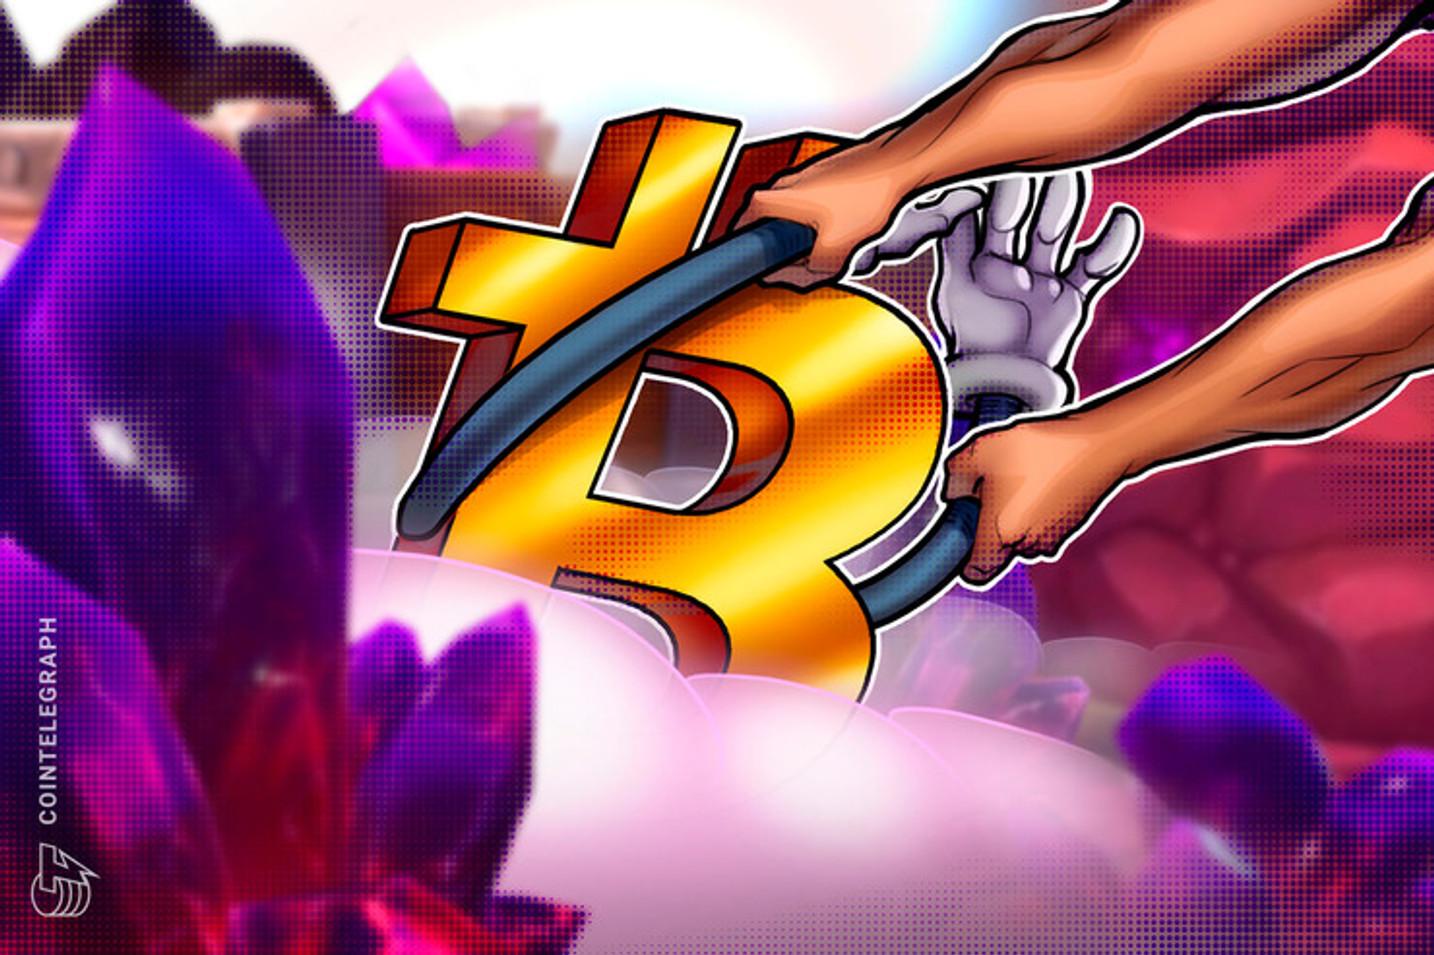 La disminución en el dominio de Bitcoin podría siginificar una recuperación de precios en algunos altcoins como el token XRP de Ripple